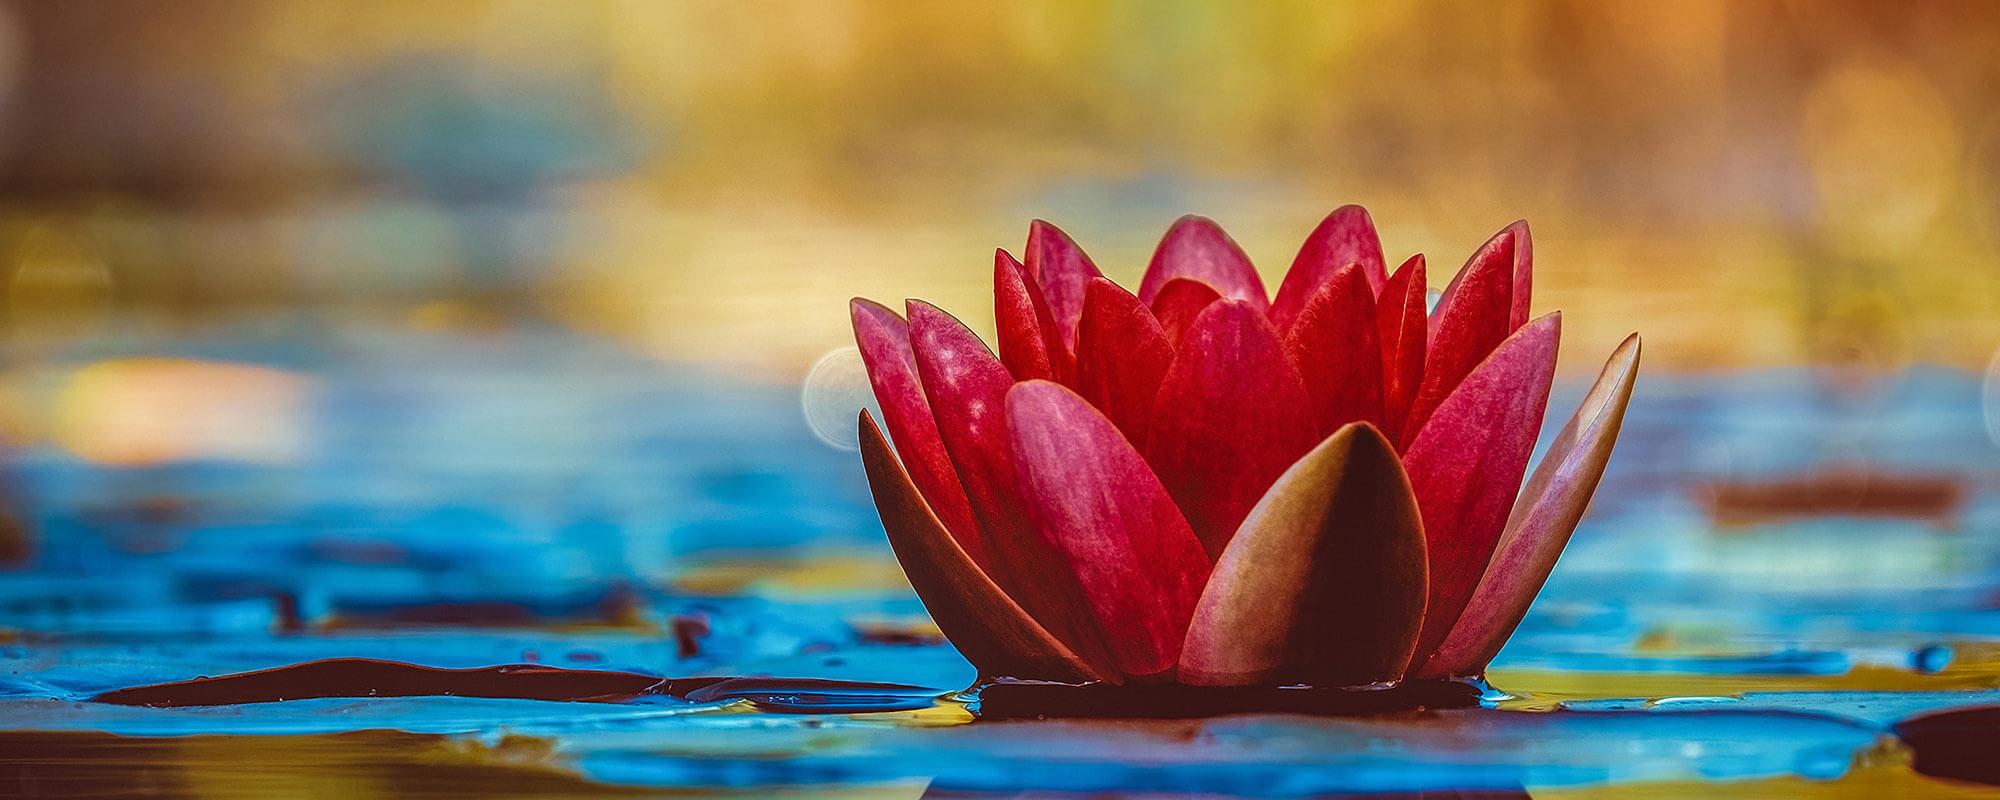 Lotus Borne Perception